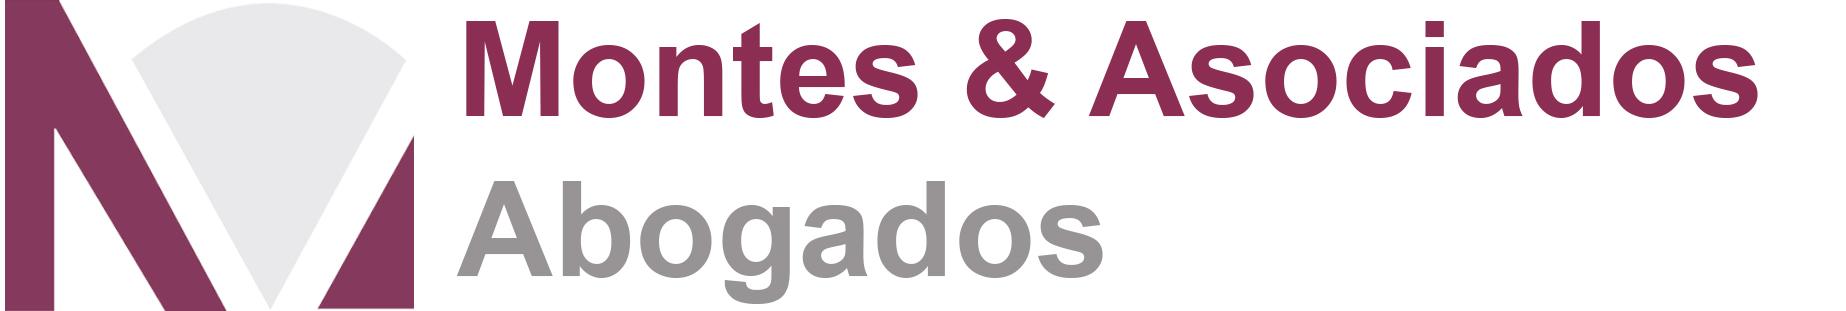 Montes y Asociados Abogados